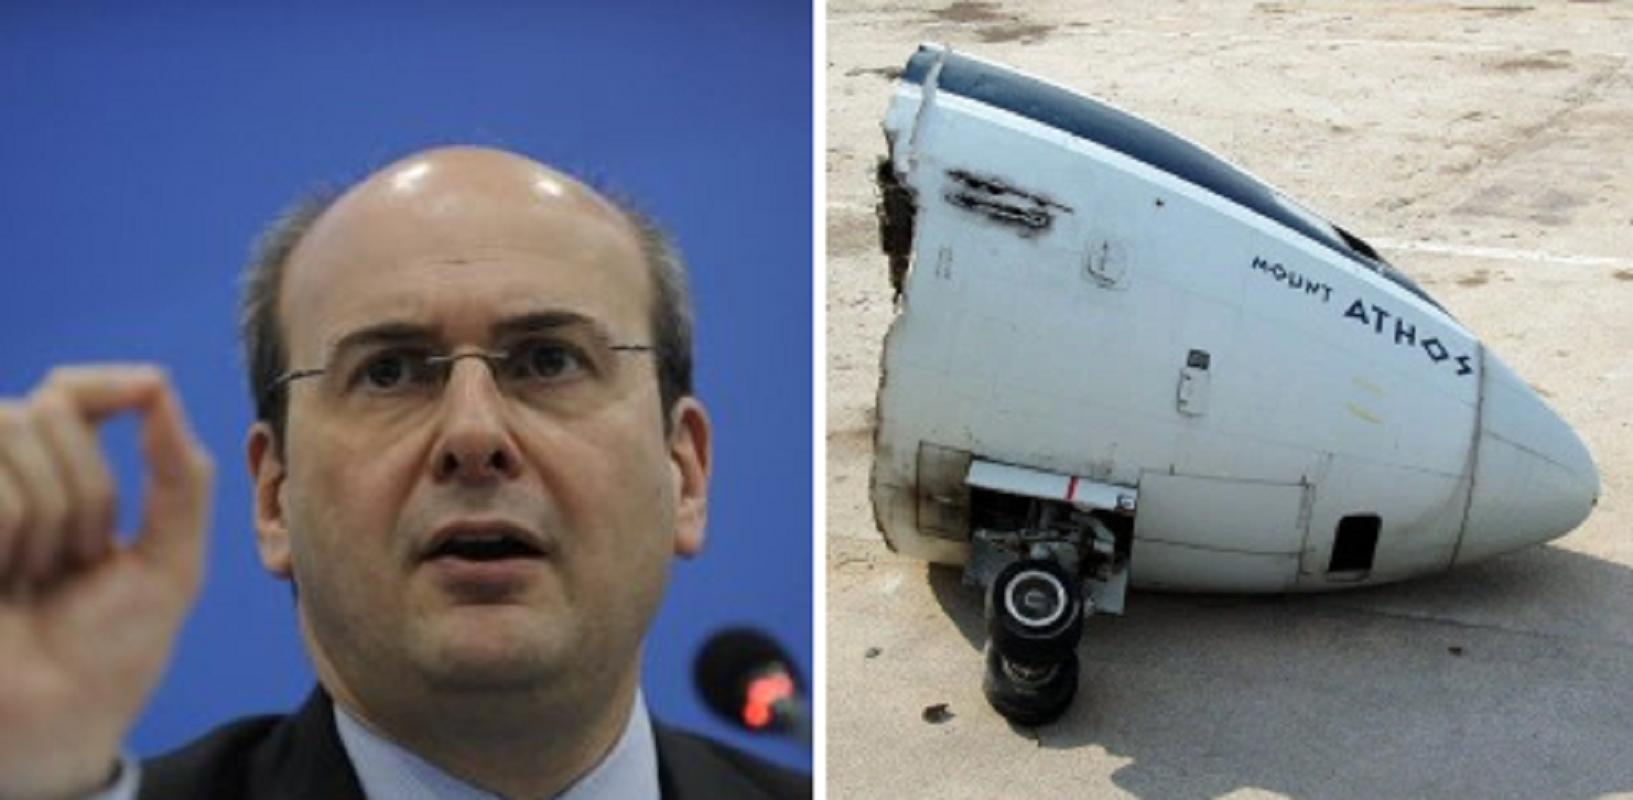 Μας επιβεβαίωσε ο Κωστής Χατζηδάκης! Αυξάνεται η τιμή του ρεύματος της ΔΕΗ – Πληρώστε Ελληνες την ιδιωτικοποίηση (όσοι δεν μπορείτε σκοτάδι)